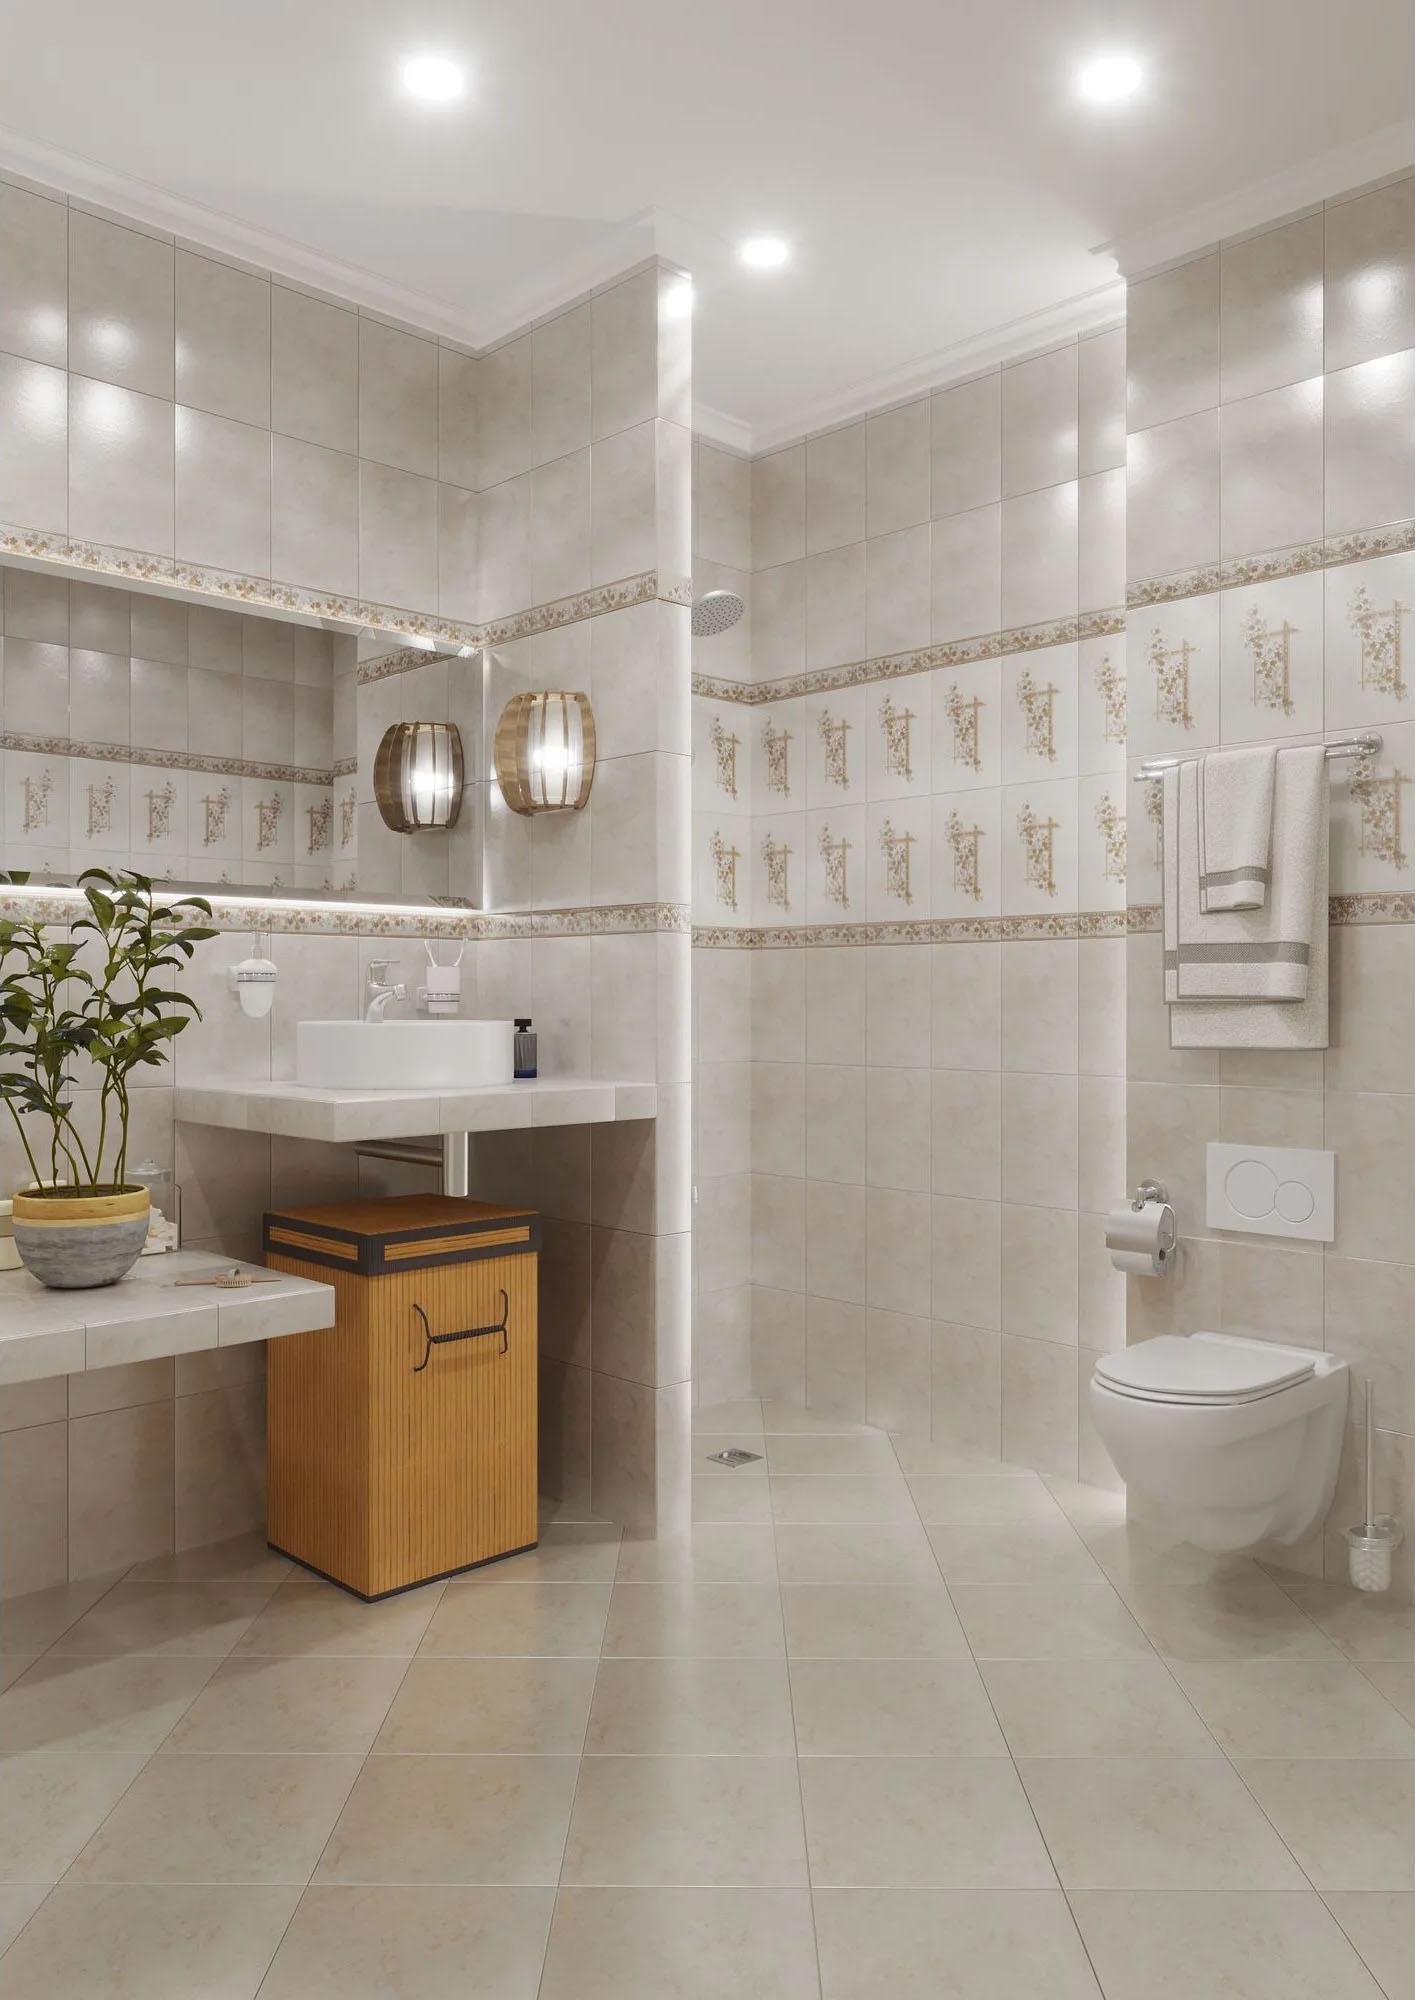 Ванная комната, облицованная плиткой полонез